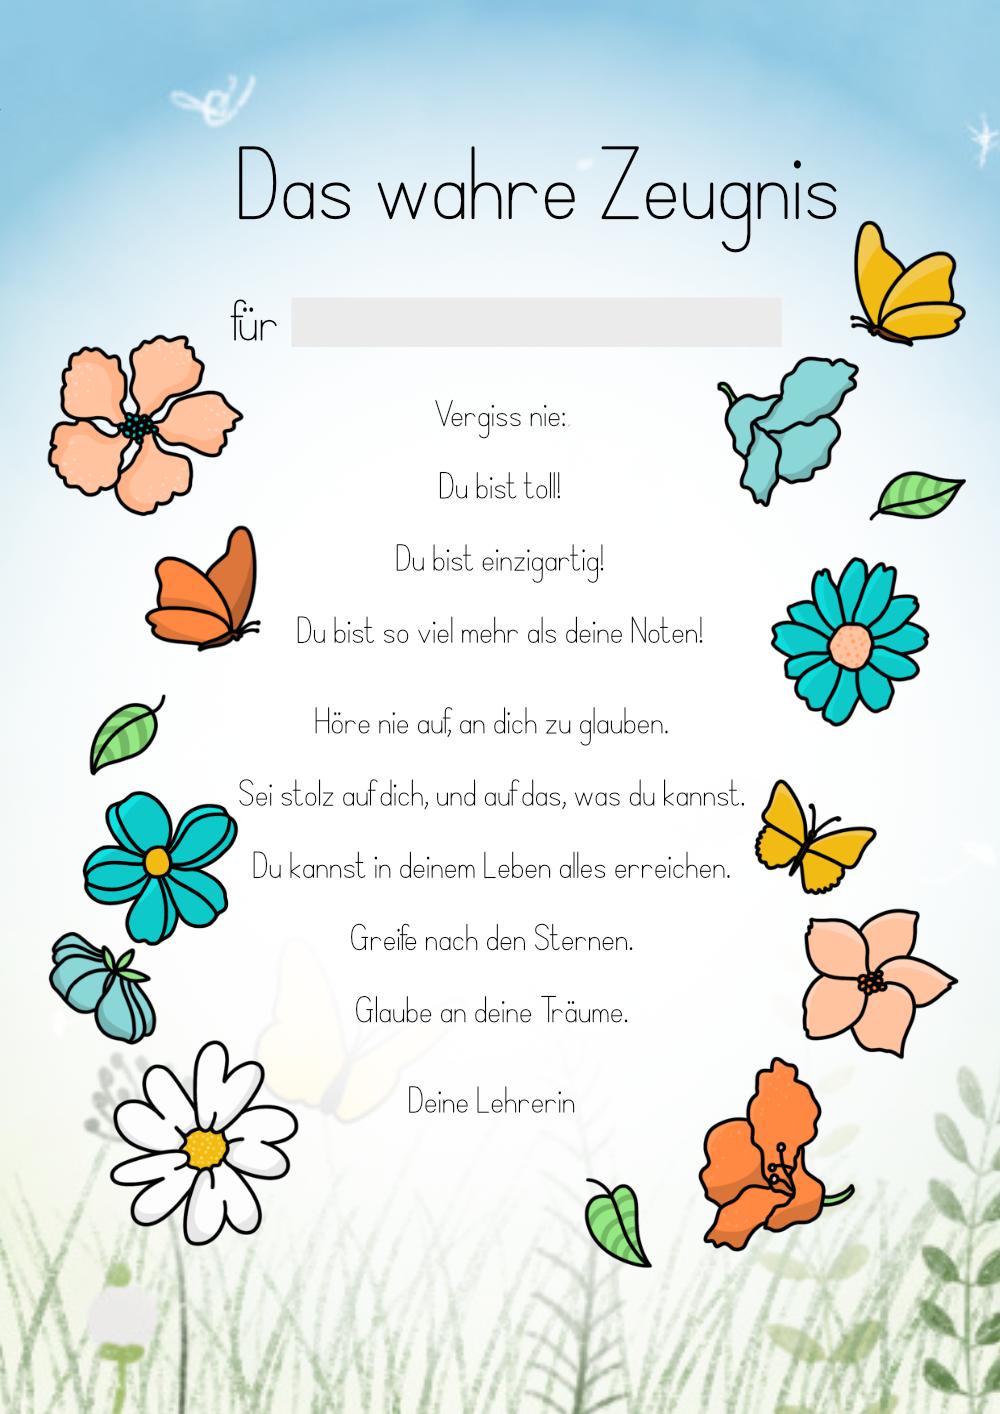 Das wahre Zeugnis - Du bist so viel mehr als deine Noten! - Blumen-Edition